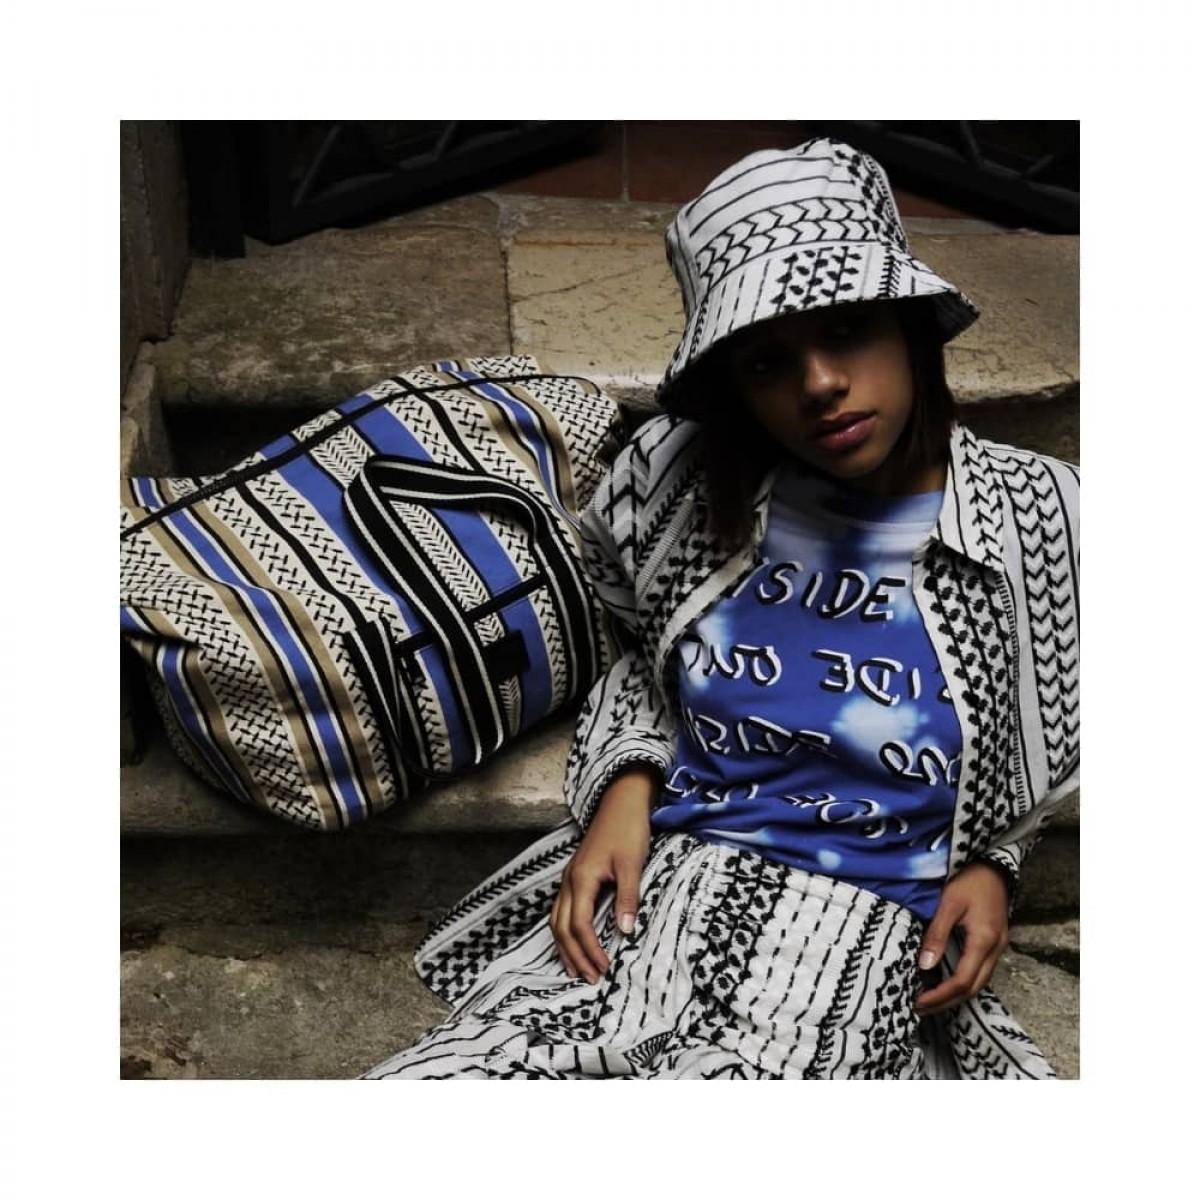 alena hat - white - image billede